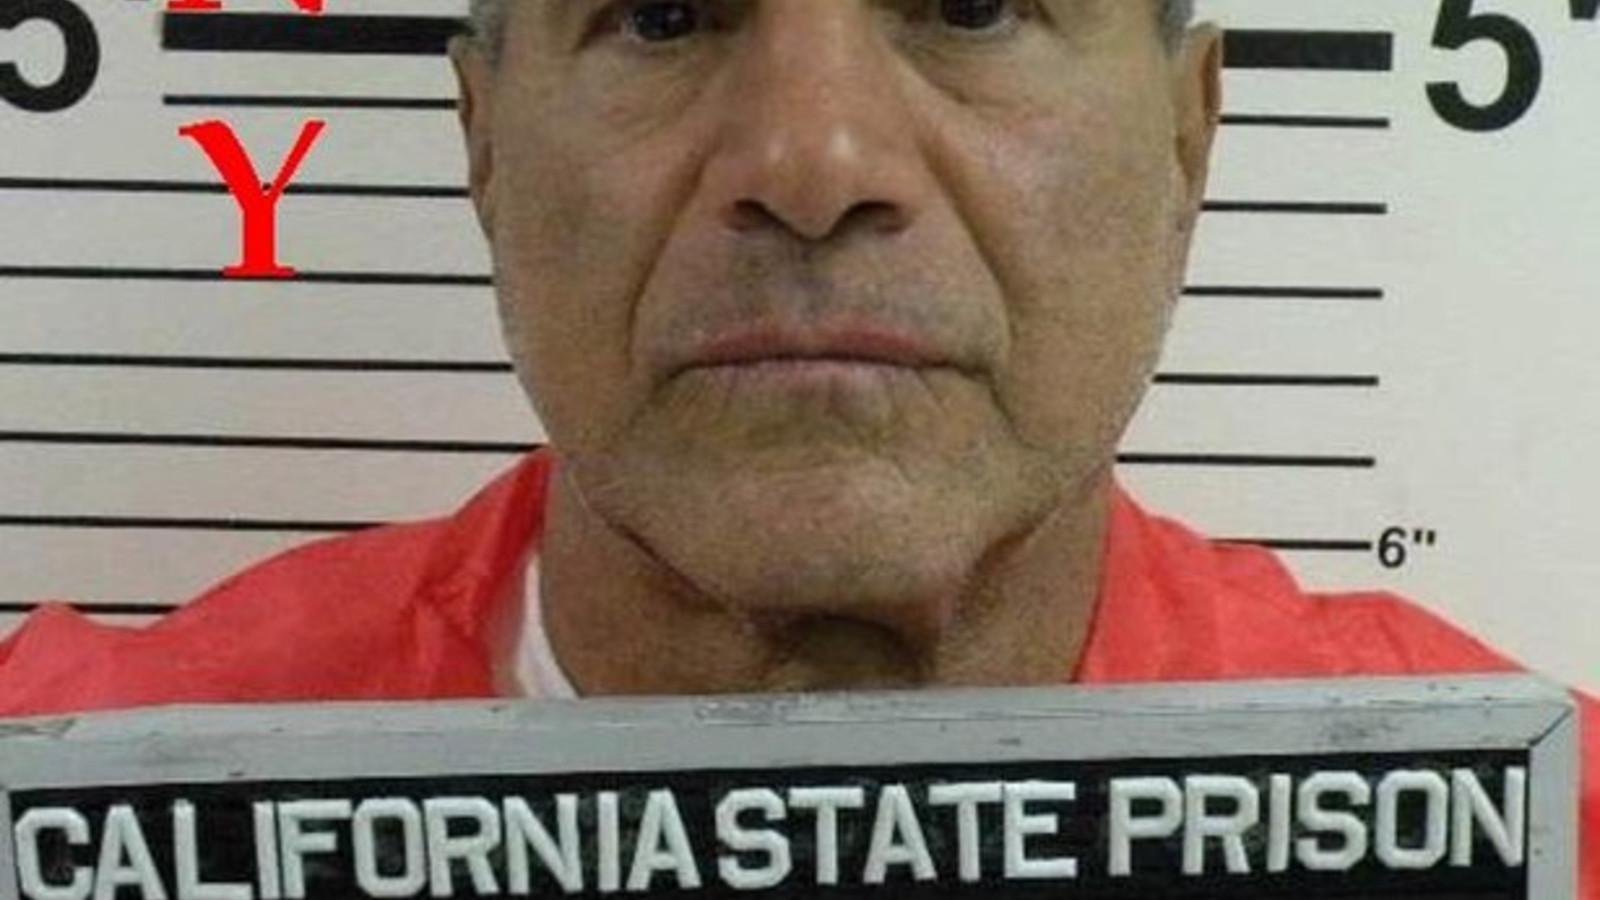 Sirhan Sirhan, de moordenaar van Bobby Kennedy, zit nog altijd in de gevangenis. Verzoeken om voortijdige vrijlating worden stelselmatig afgewezen, de laatste keer in 2016.